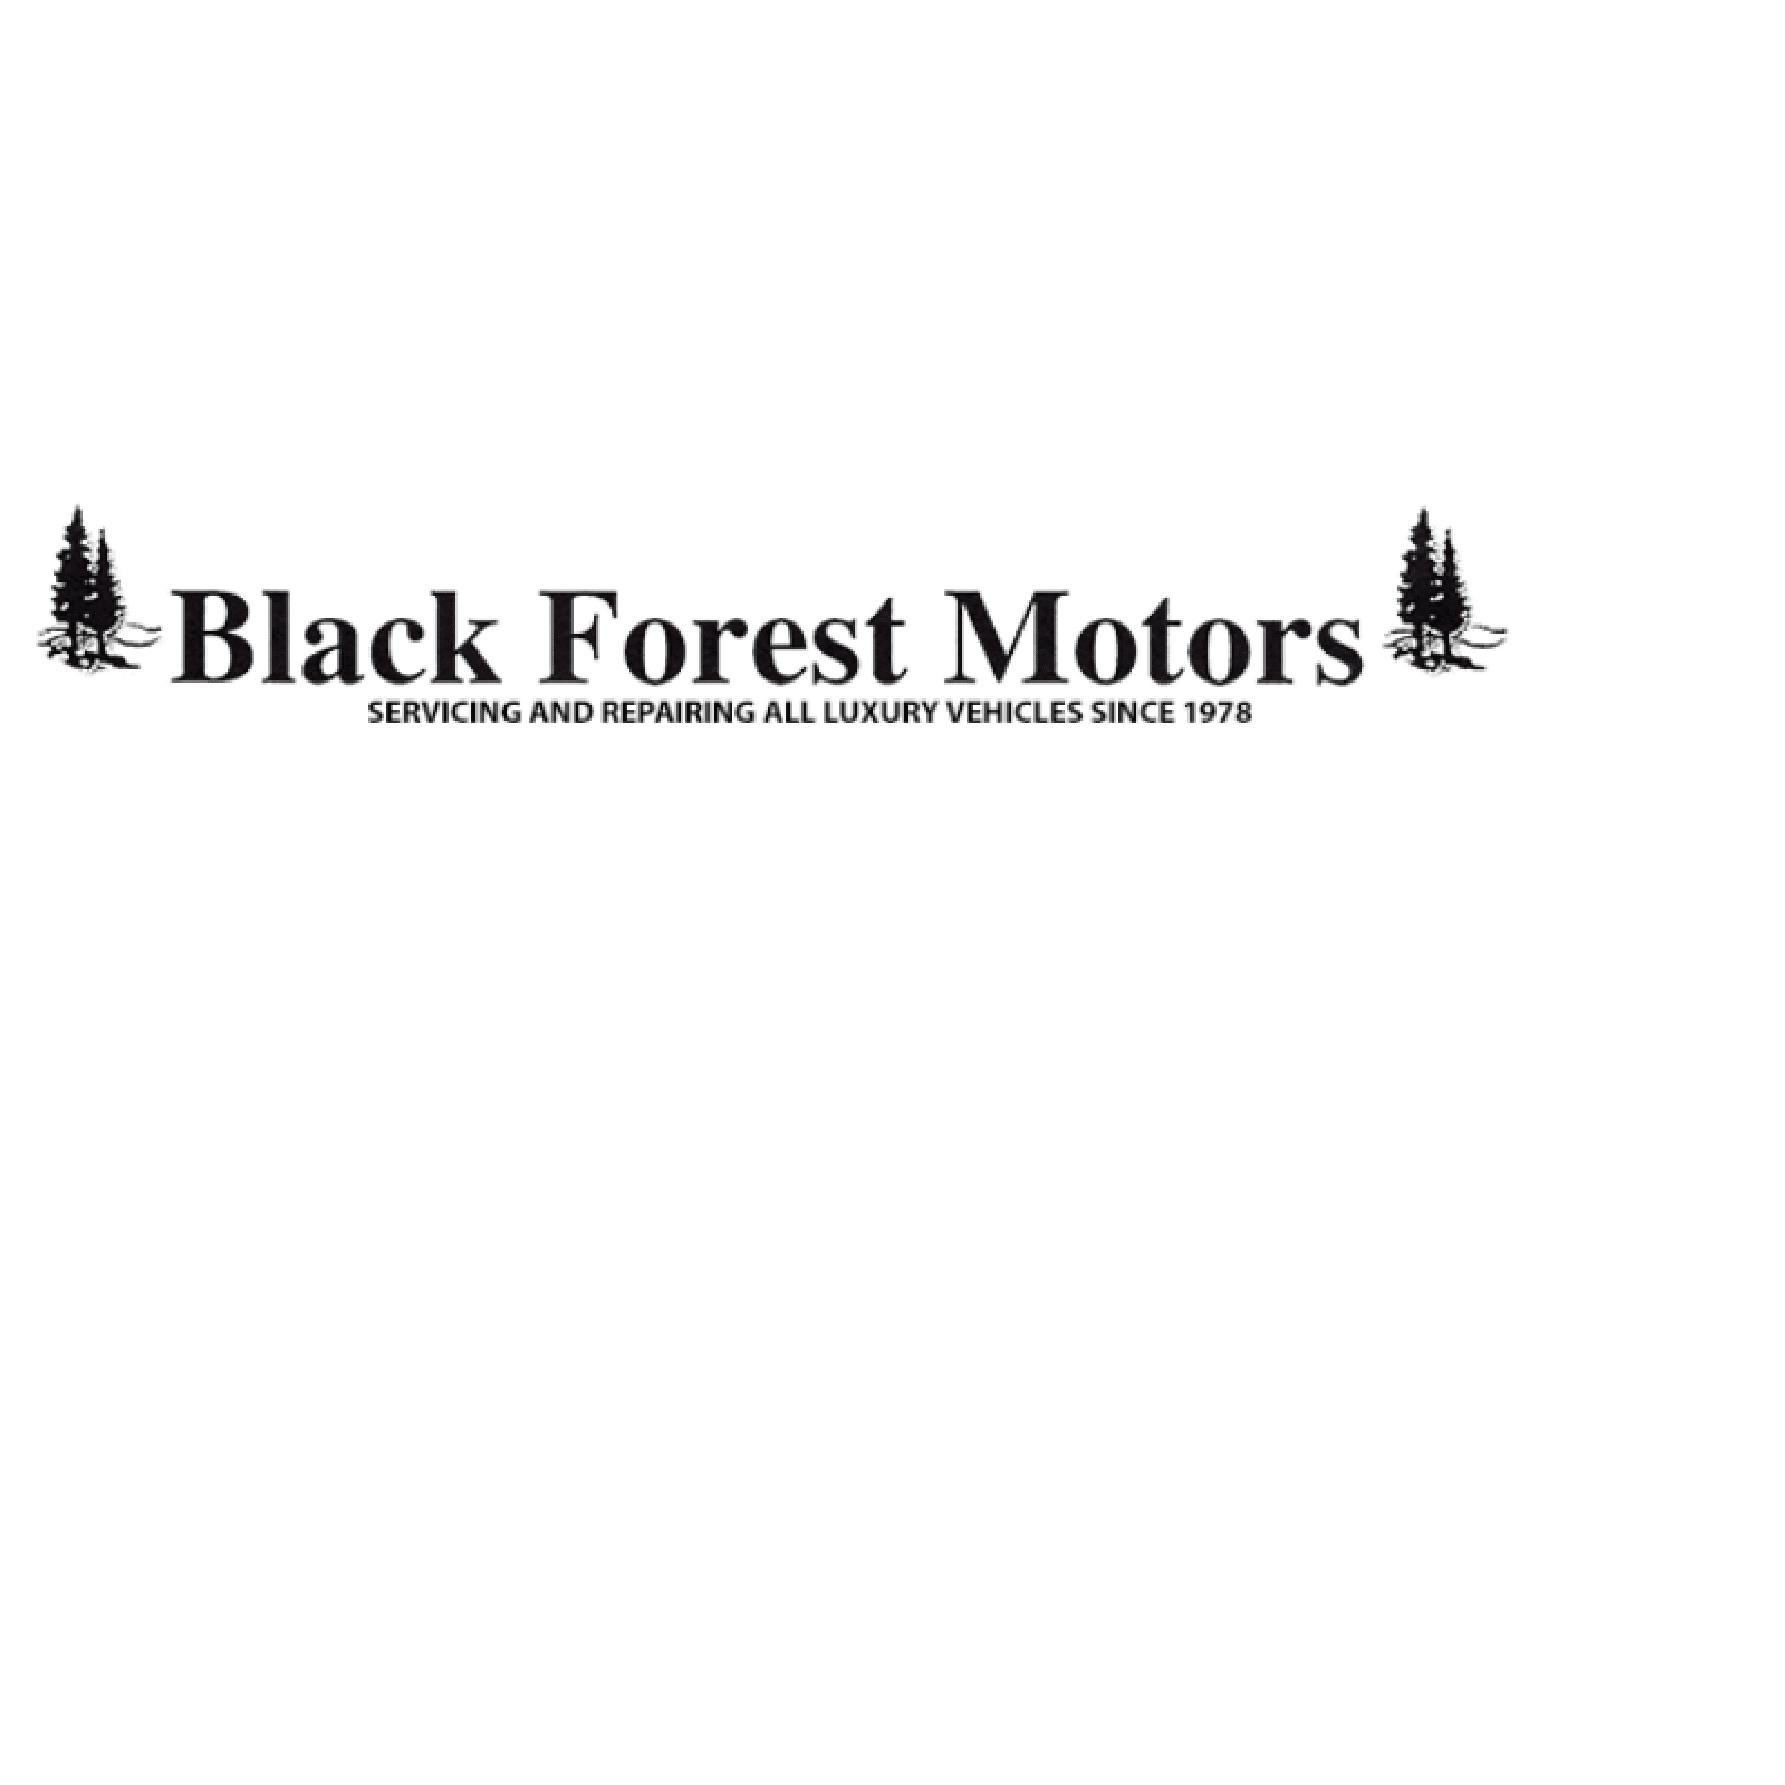 Black Forest Motors